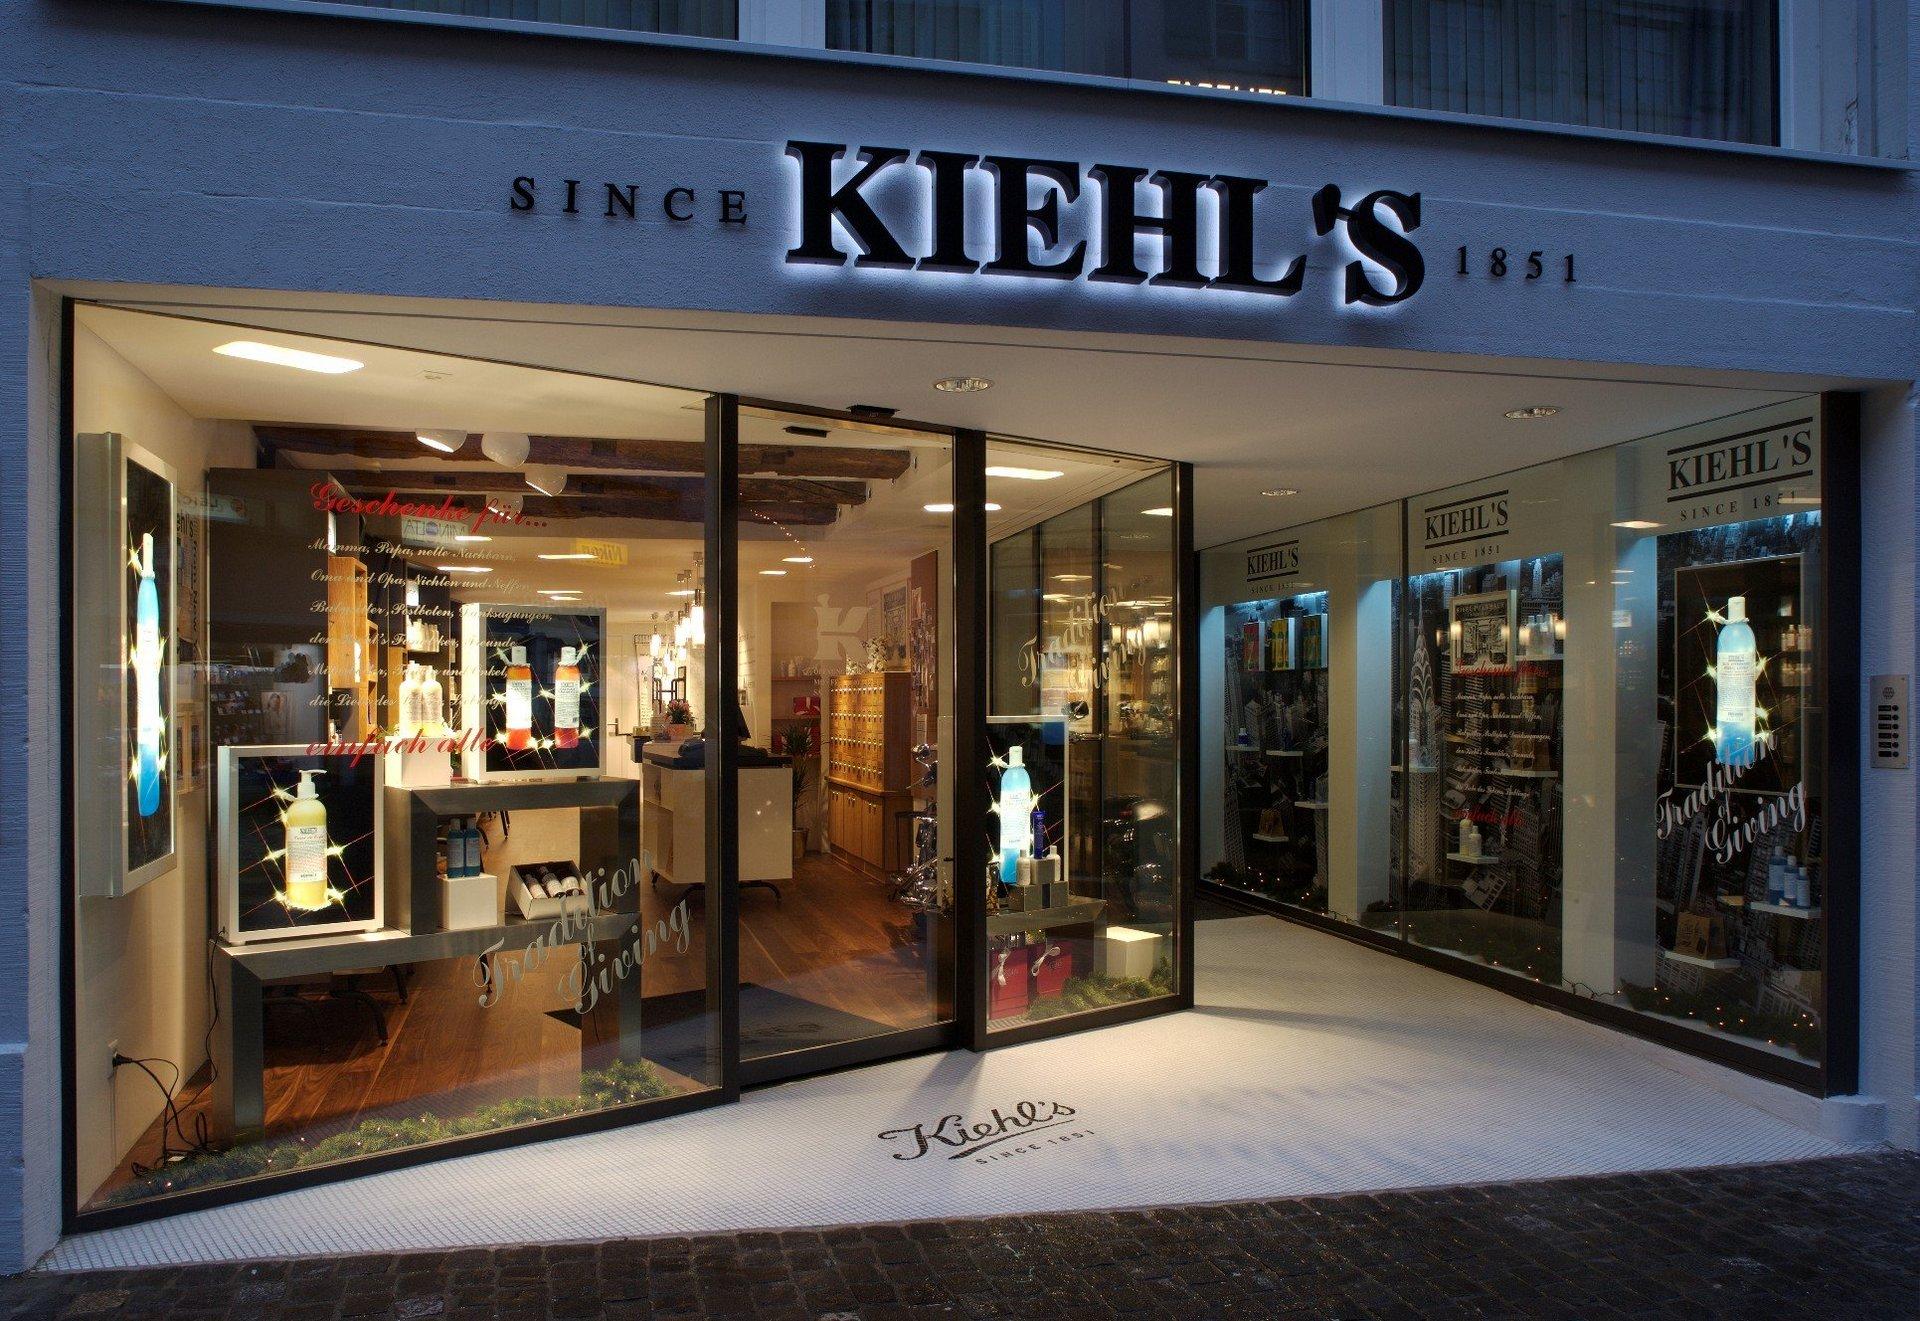 Moderner Shop mit grosser Fensterfront und attraktiver Schaufensterdekoration